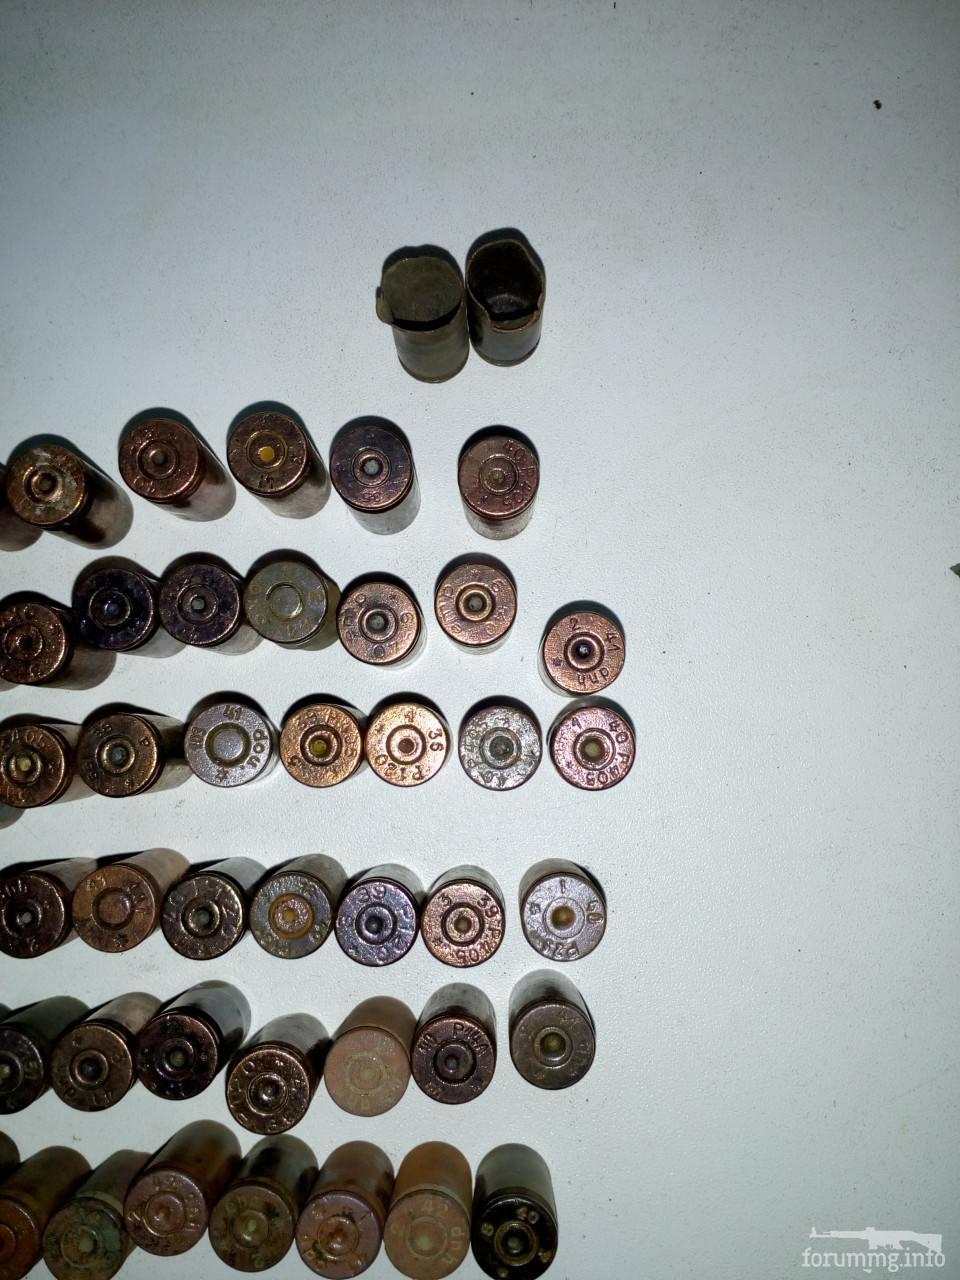 120199 - Гильзы Люгер 9х19 разные клейма, коп, латунь